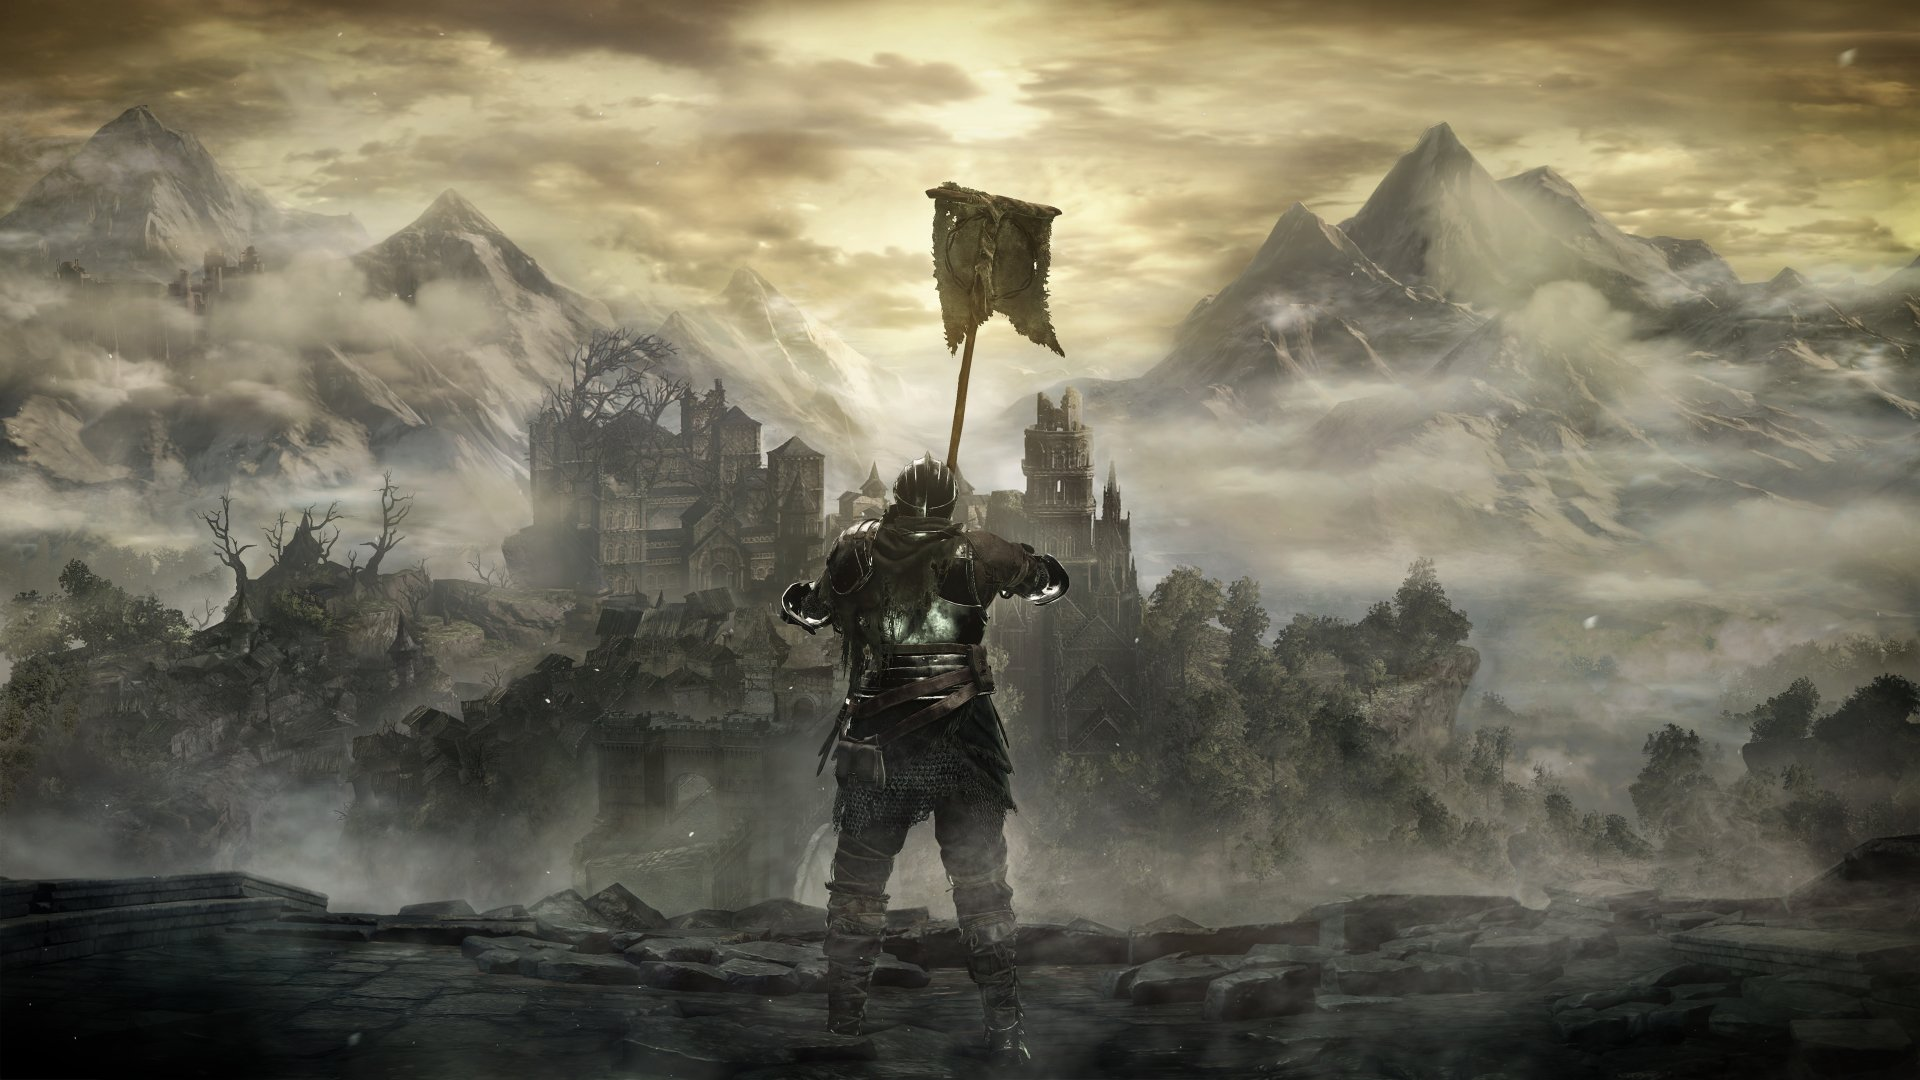 Video Game - Dark Souls III  Knight Armor Mountain Castle Landscape Wallpaper